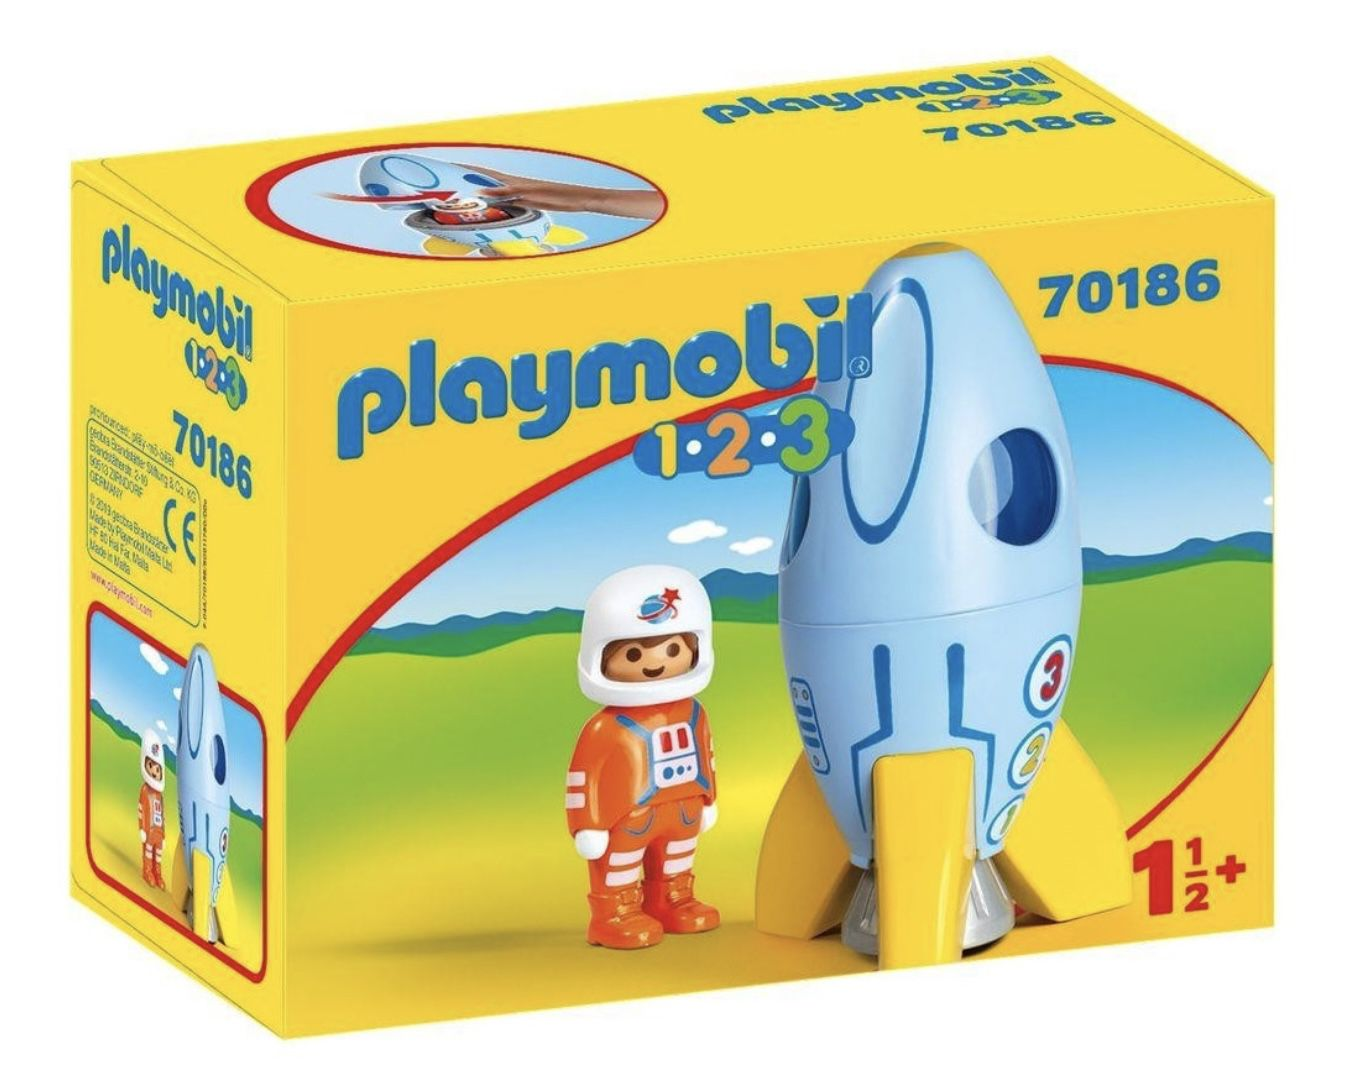 PLAYMOBIL 70186 1.2.3 Astronaut mit Rakete für 6,48€ (statt 10€)   Prime